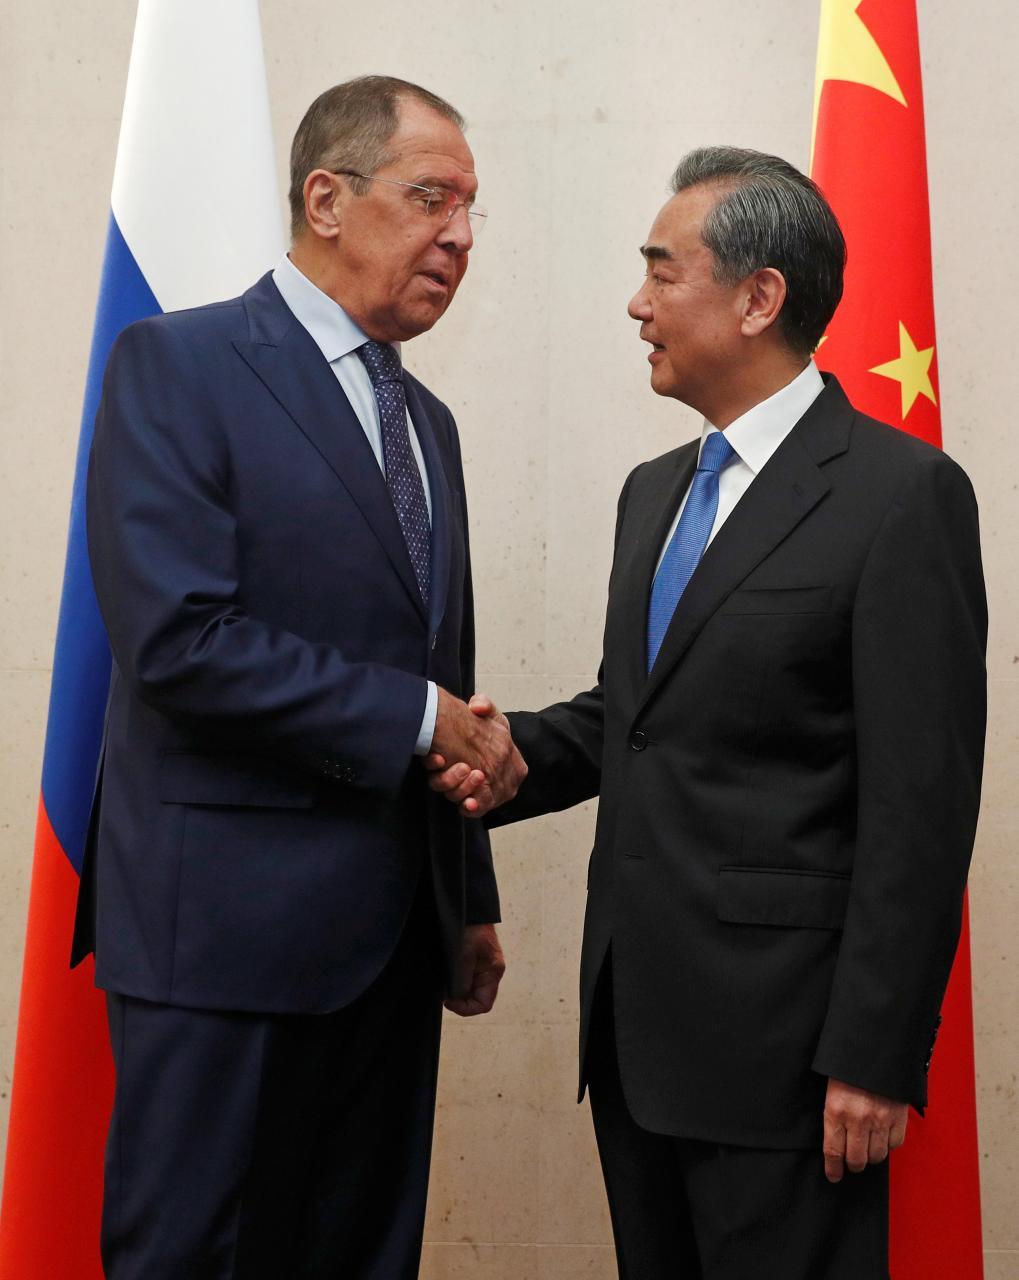 Ministros das Relações Exteriores de China e Rússia pedem na ONU para salvaguardar multilateralismo